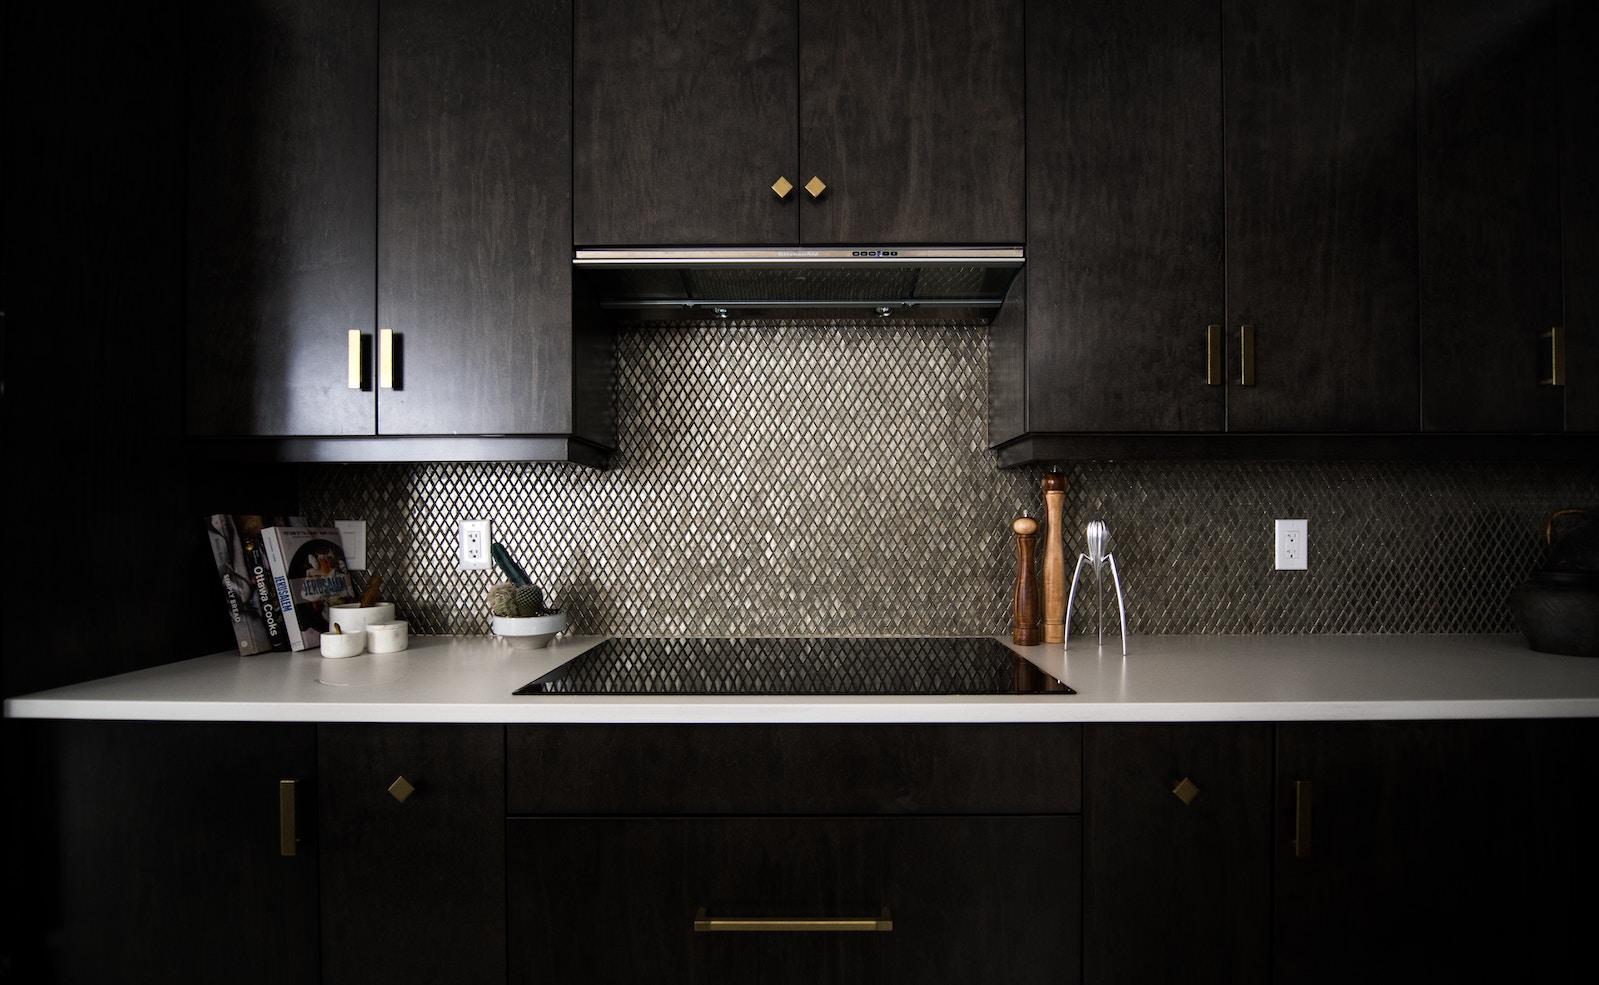 Küchenrückwand: Welches Material ist am besten?